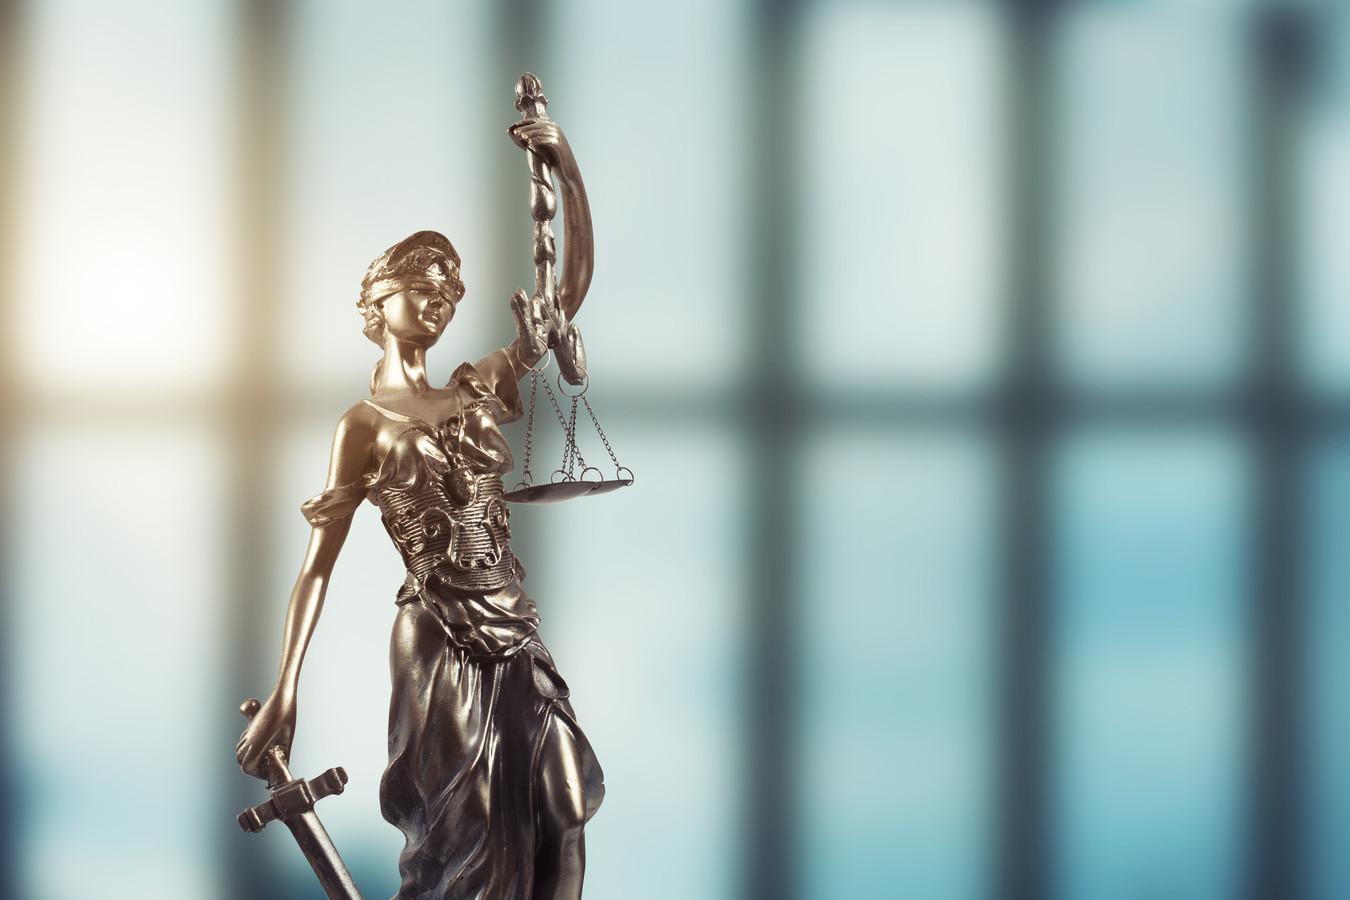 Statue of justice on Bokeh background stockadr justitie rechtspraak rechtszaak justitia fraude oplichting rechtbank recht